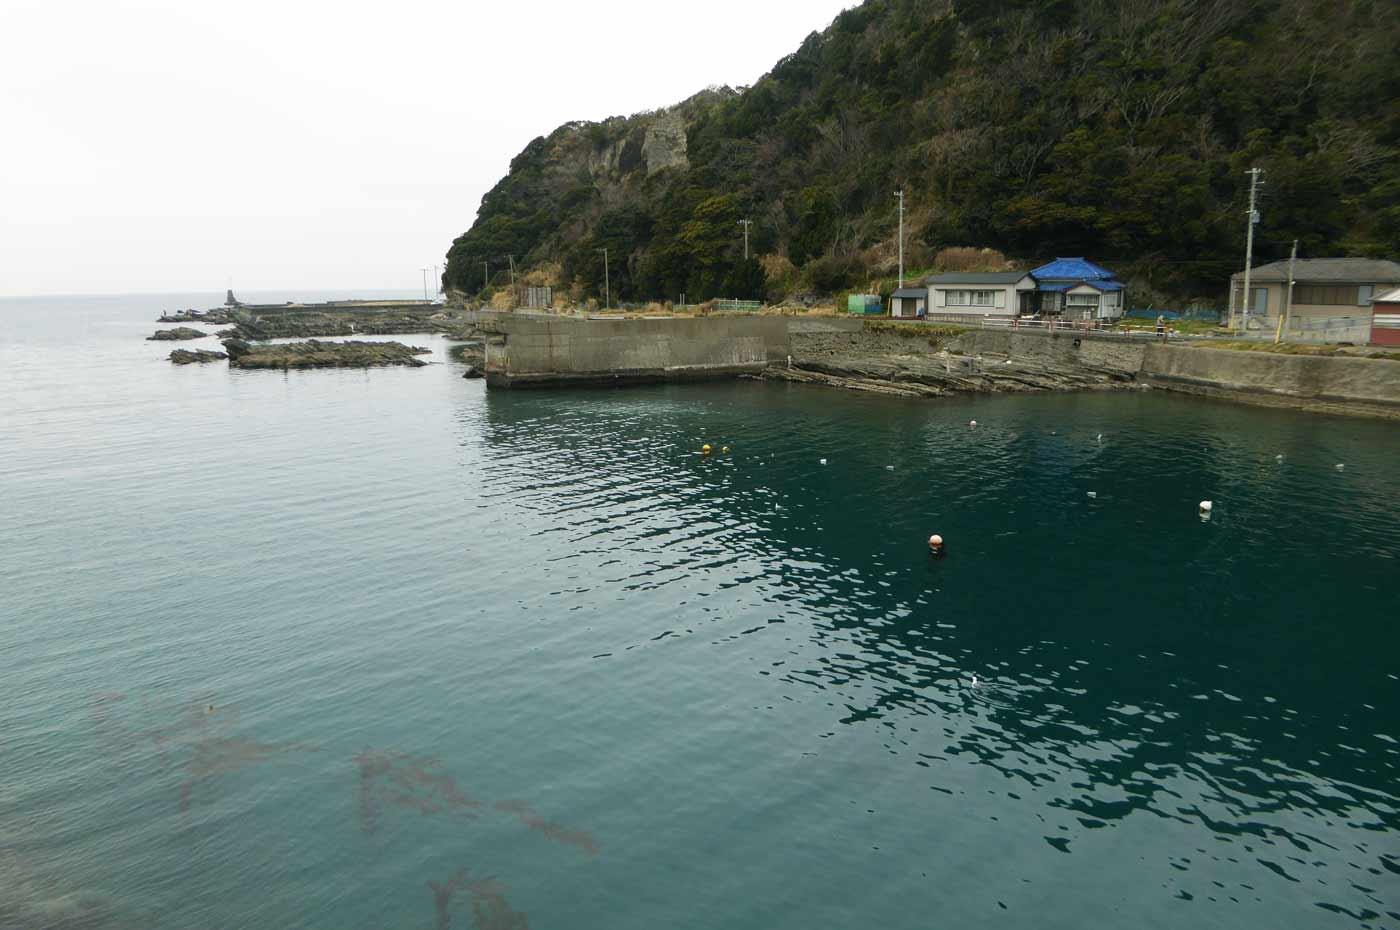 港内右側の小突堤のポイント